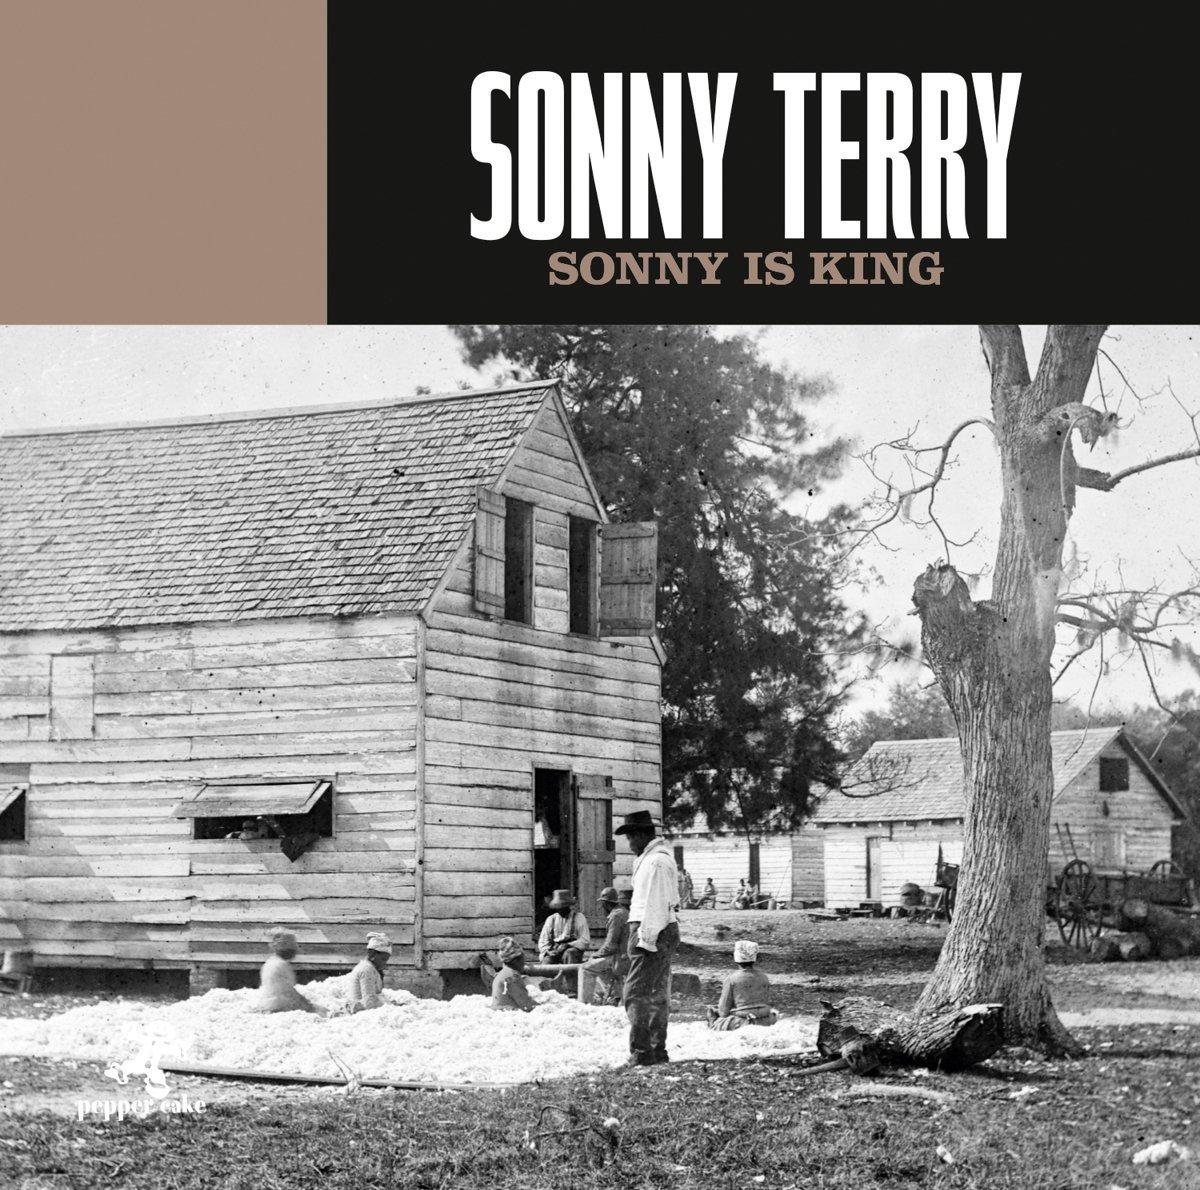 Сонни Терри Sonny Terry. Sonny Is King сонни кларк sonny clark leapin and lopin